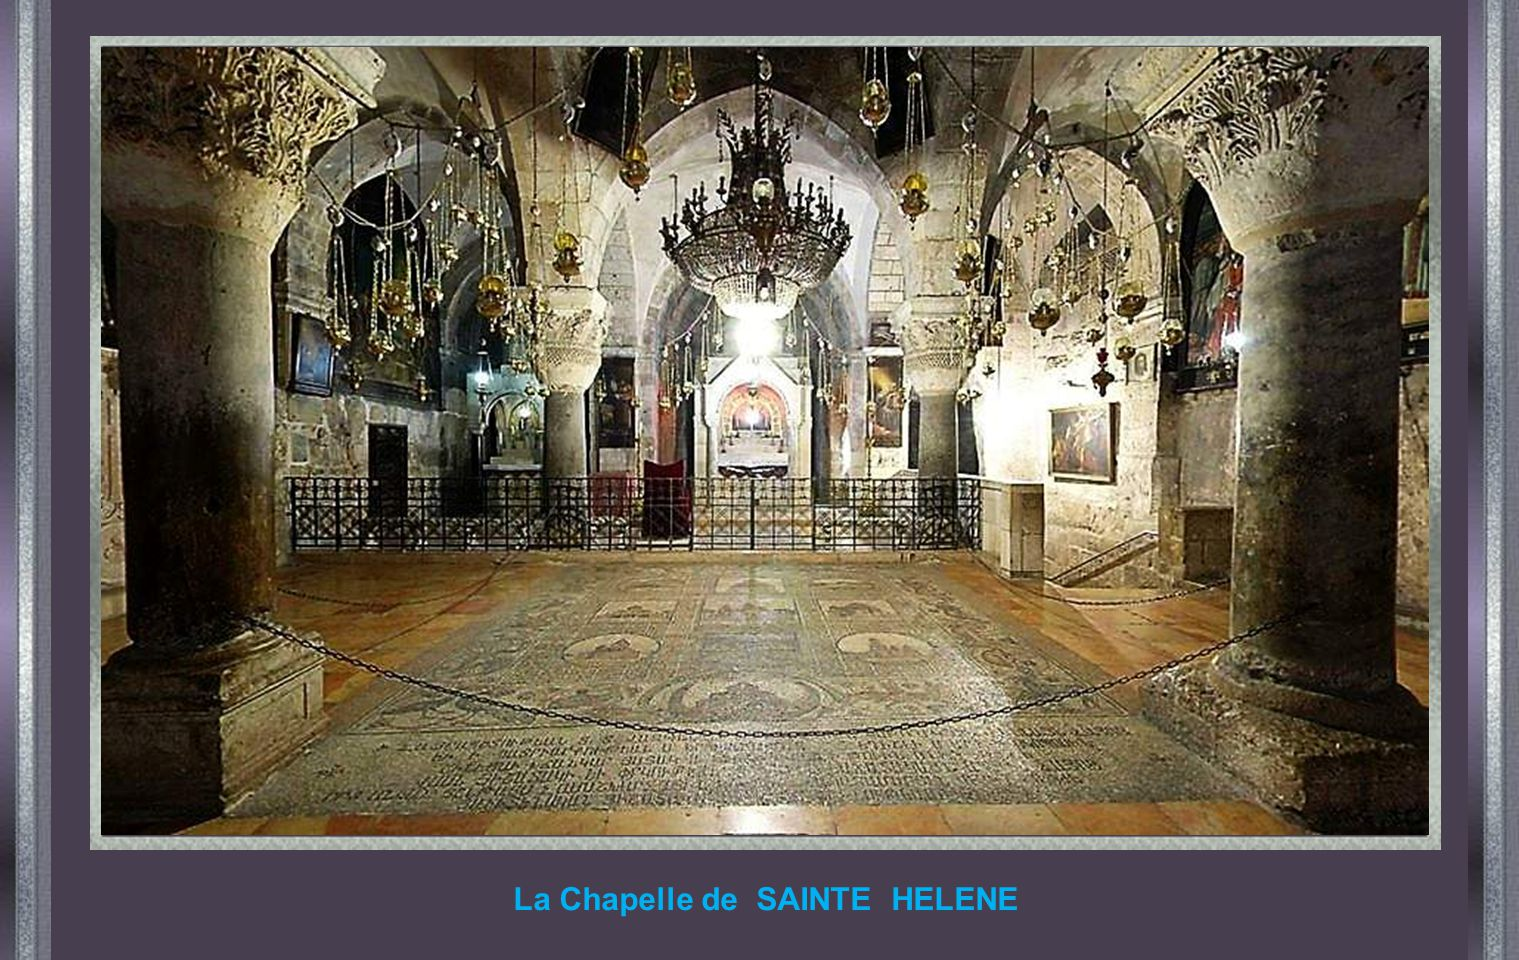 La Chapelle de SAINTE HELENE